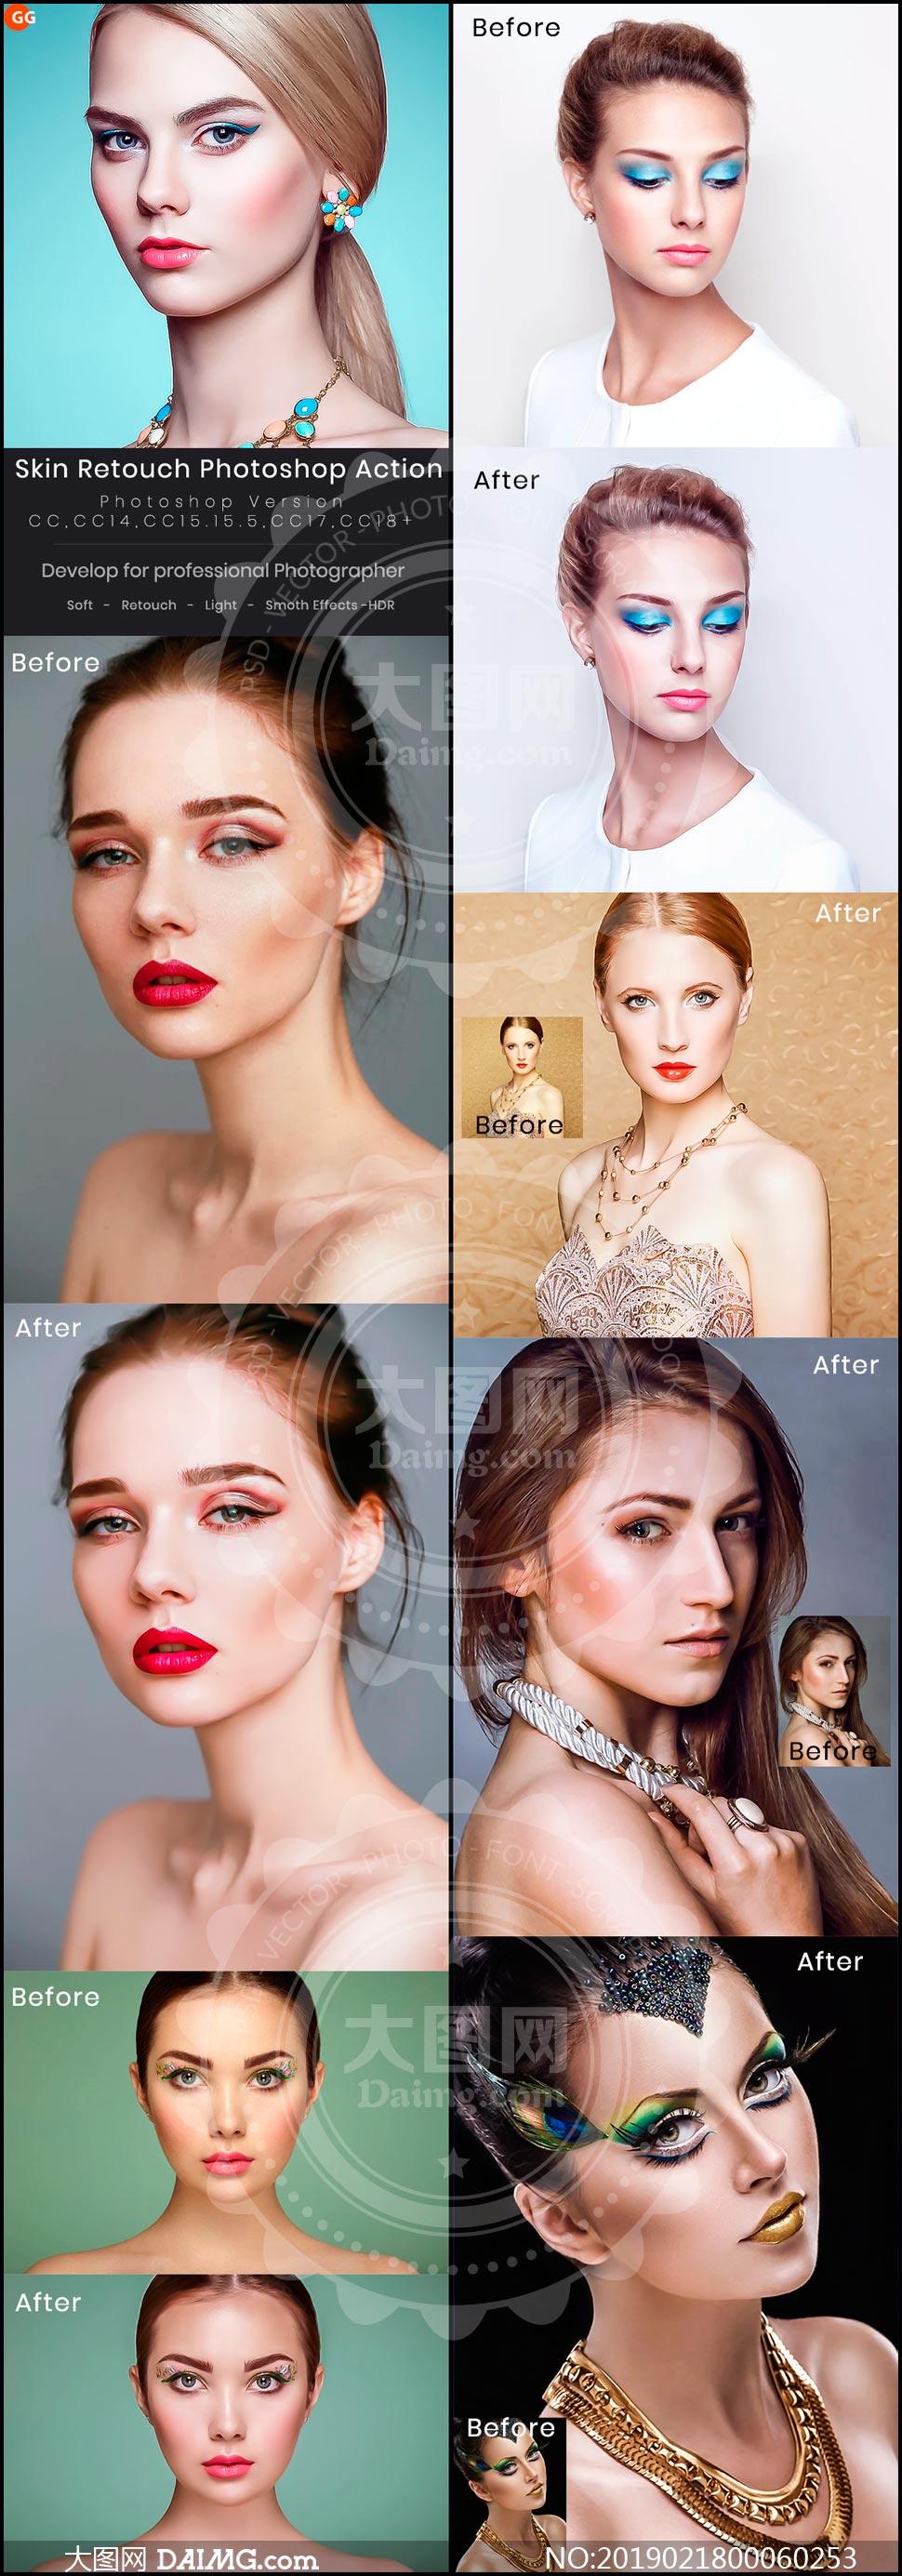 中文版人物肖像皮肤美化处理PS动作